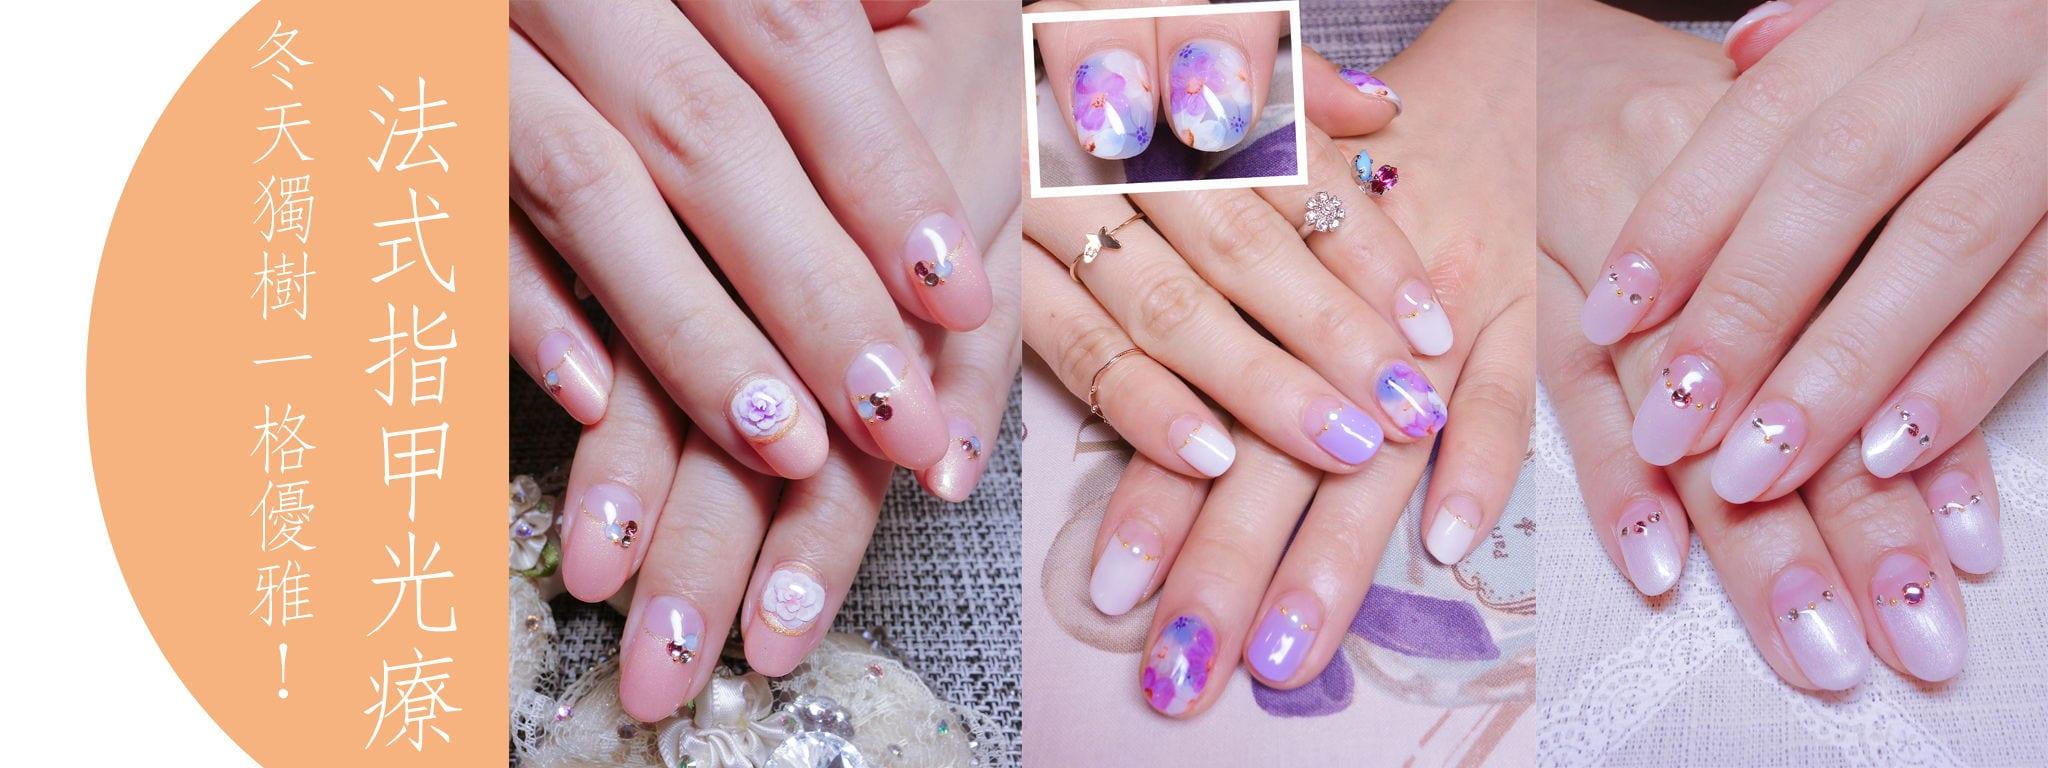 ♥ 冬天的優雅!法式凝膠指甲